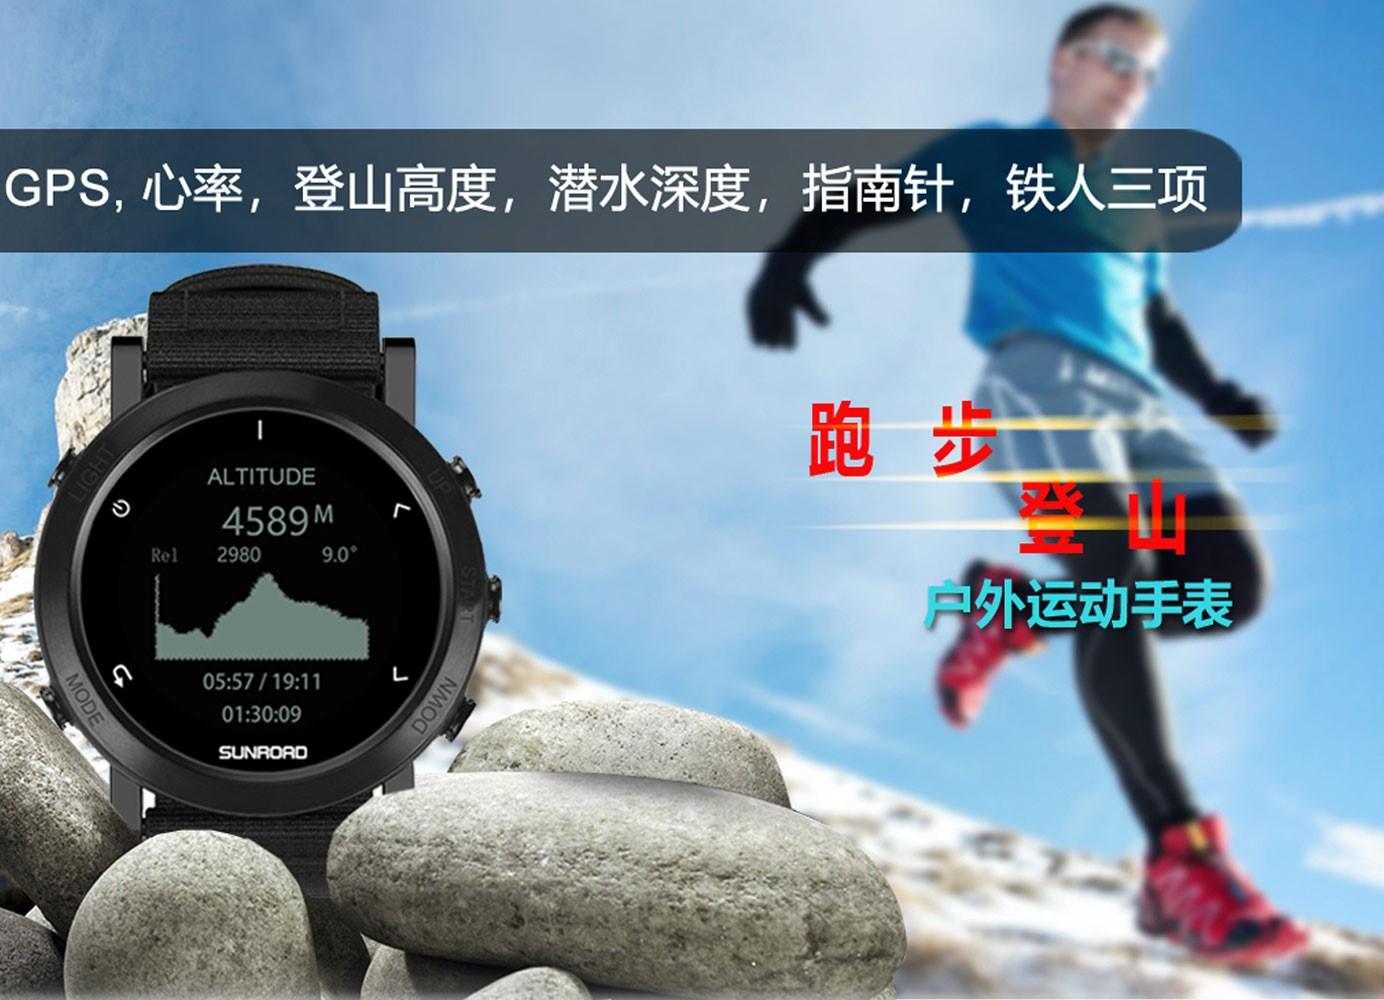 GPS運動手表推薦_ 運動手表相關-深圳市松路信息科技有限公司